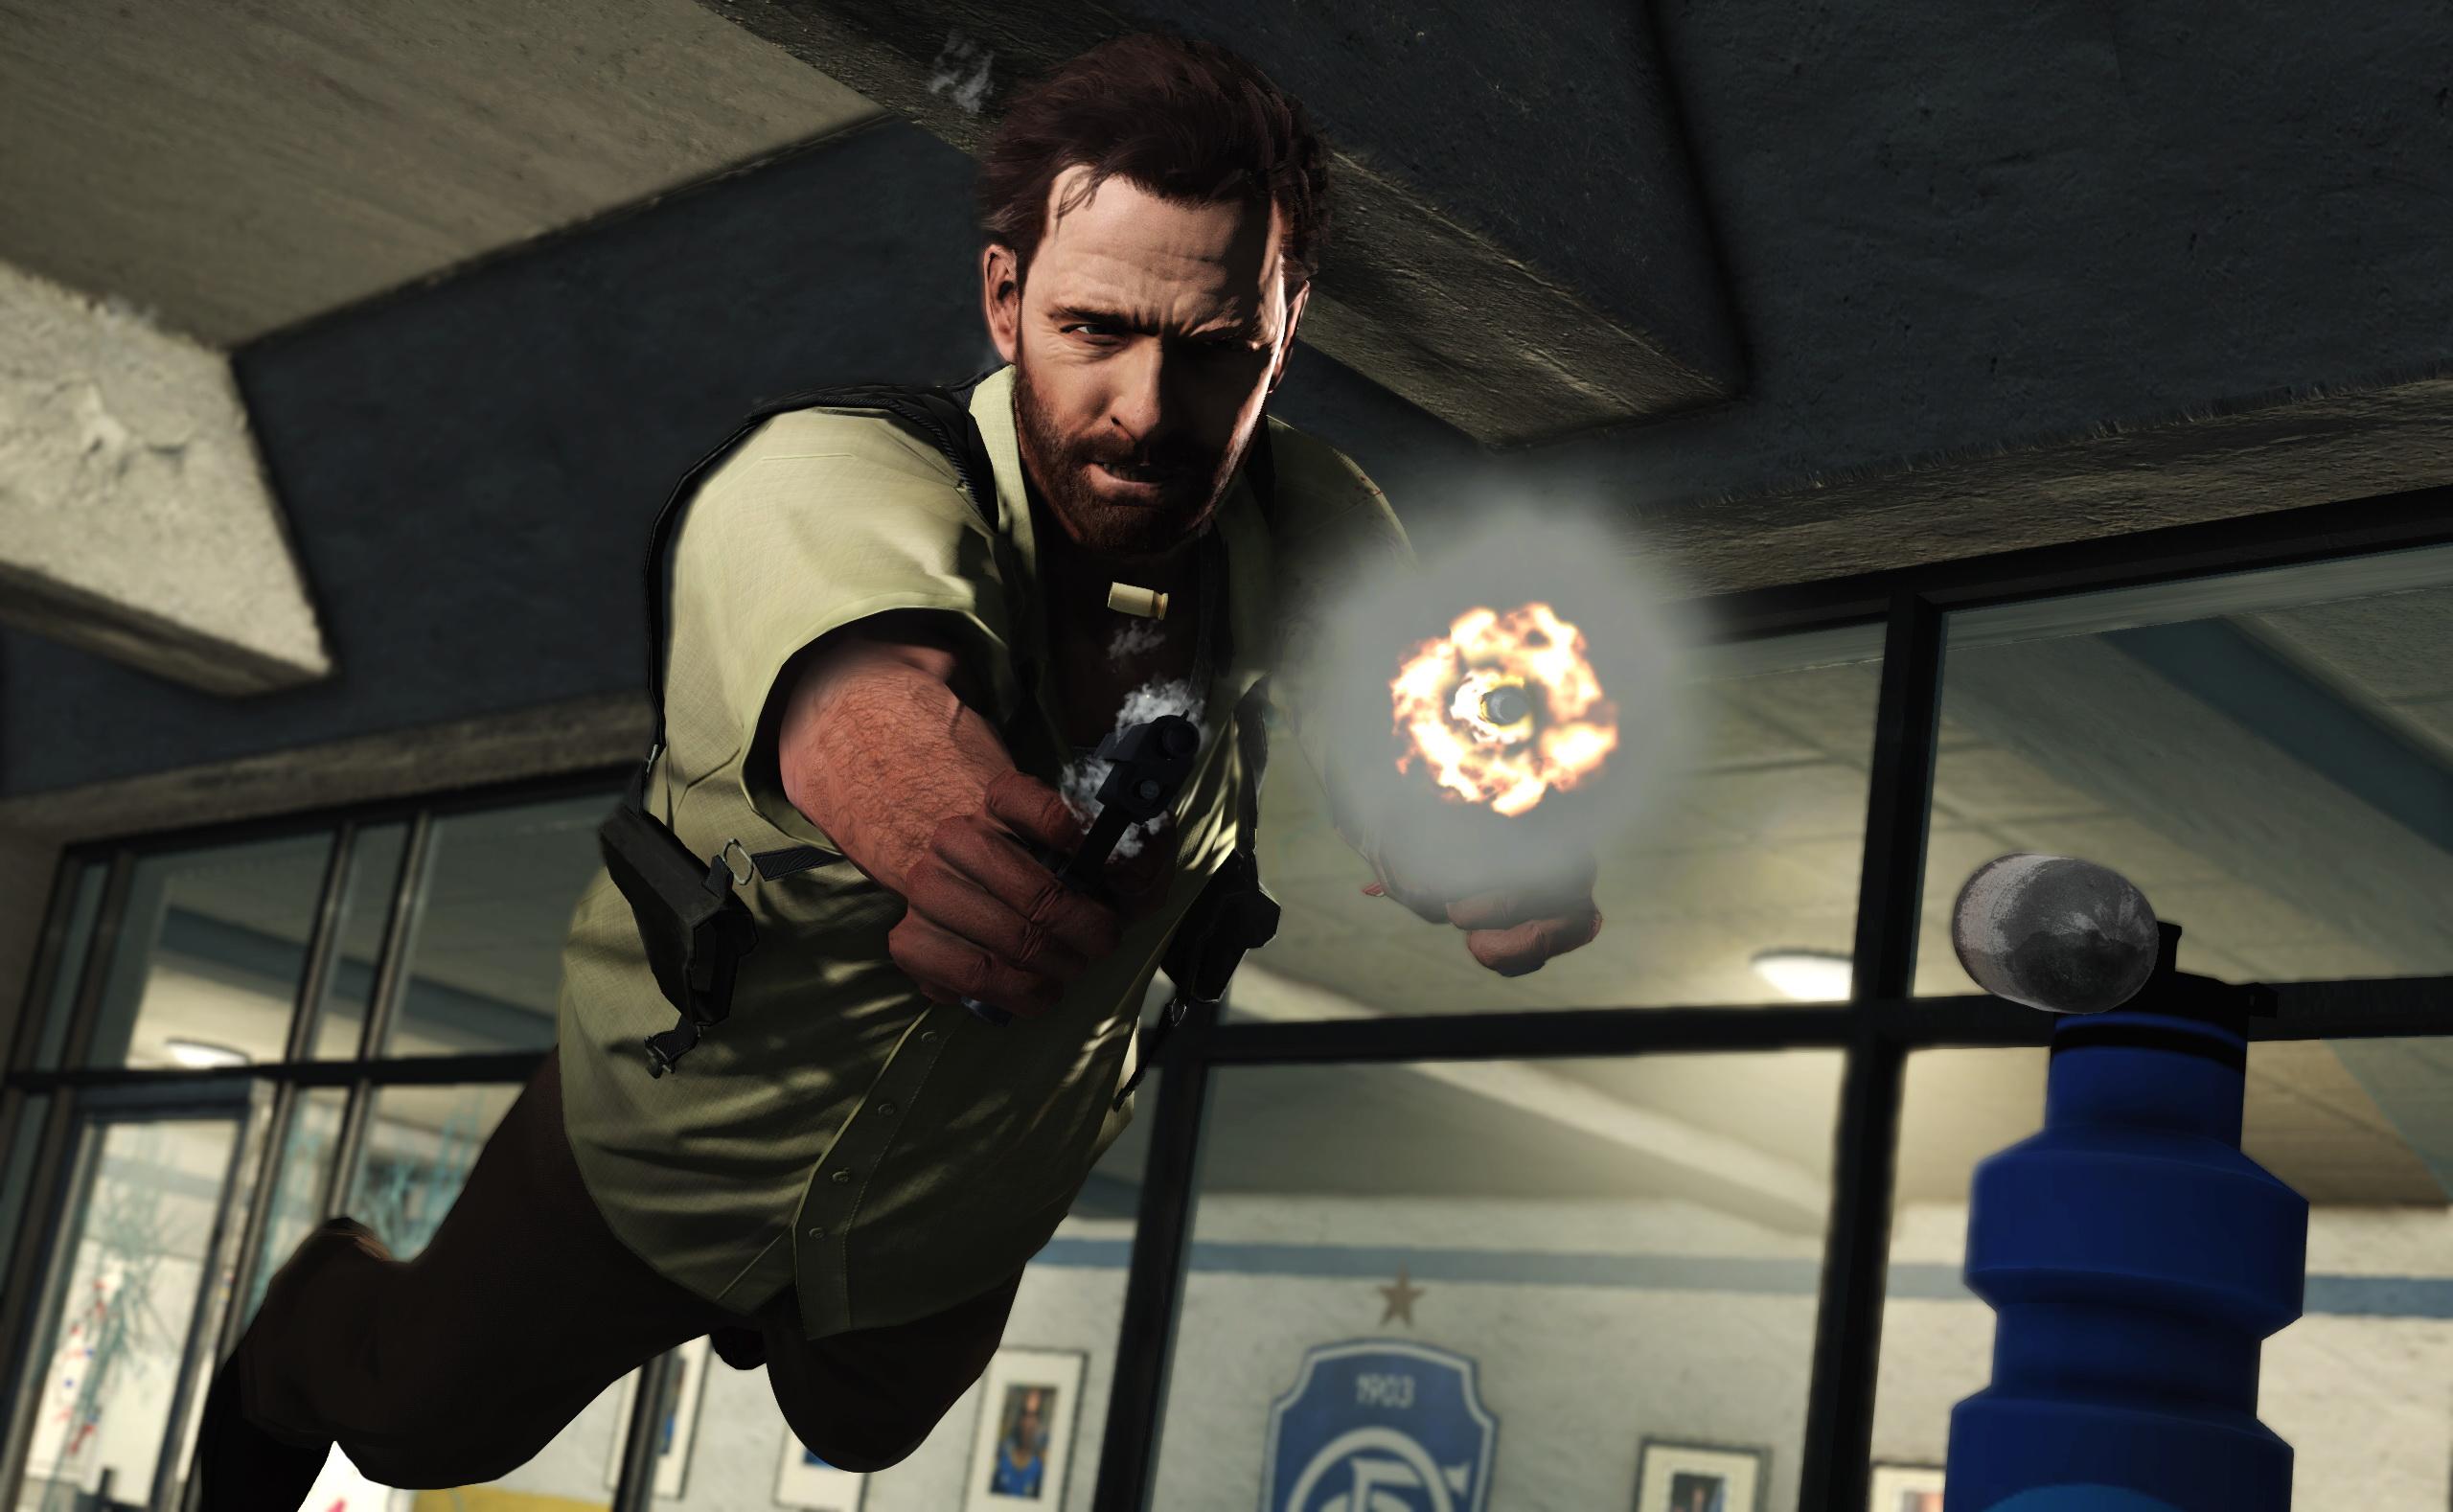 Max Payne 3 – Max bude krvácet, dokazují nové obrázky 61410